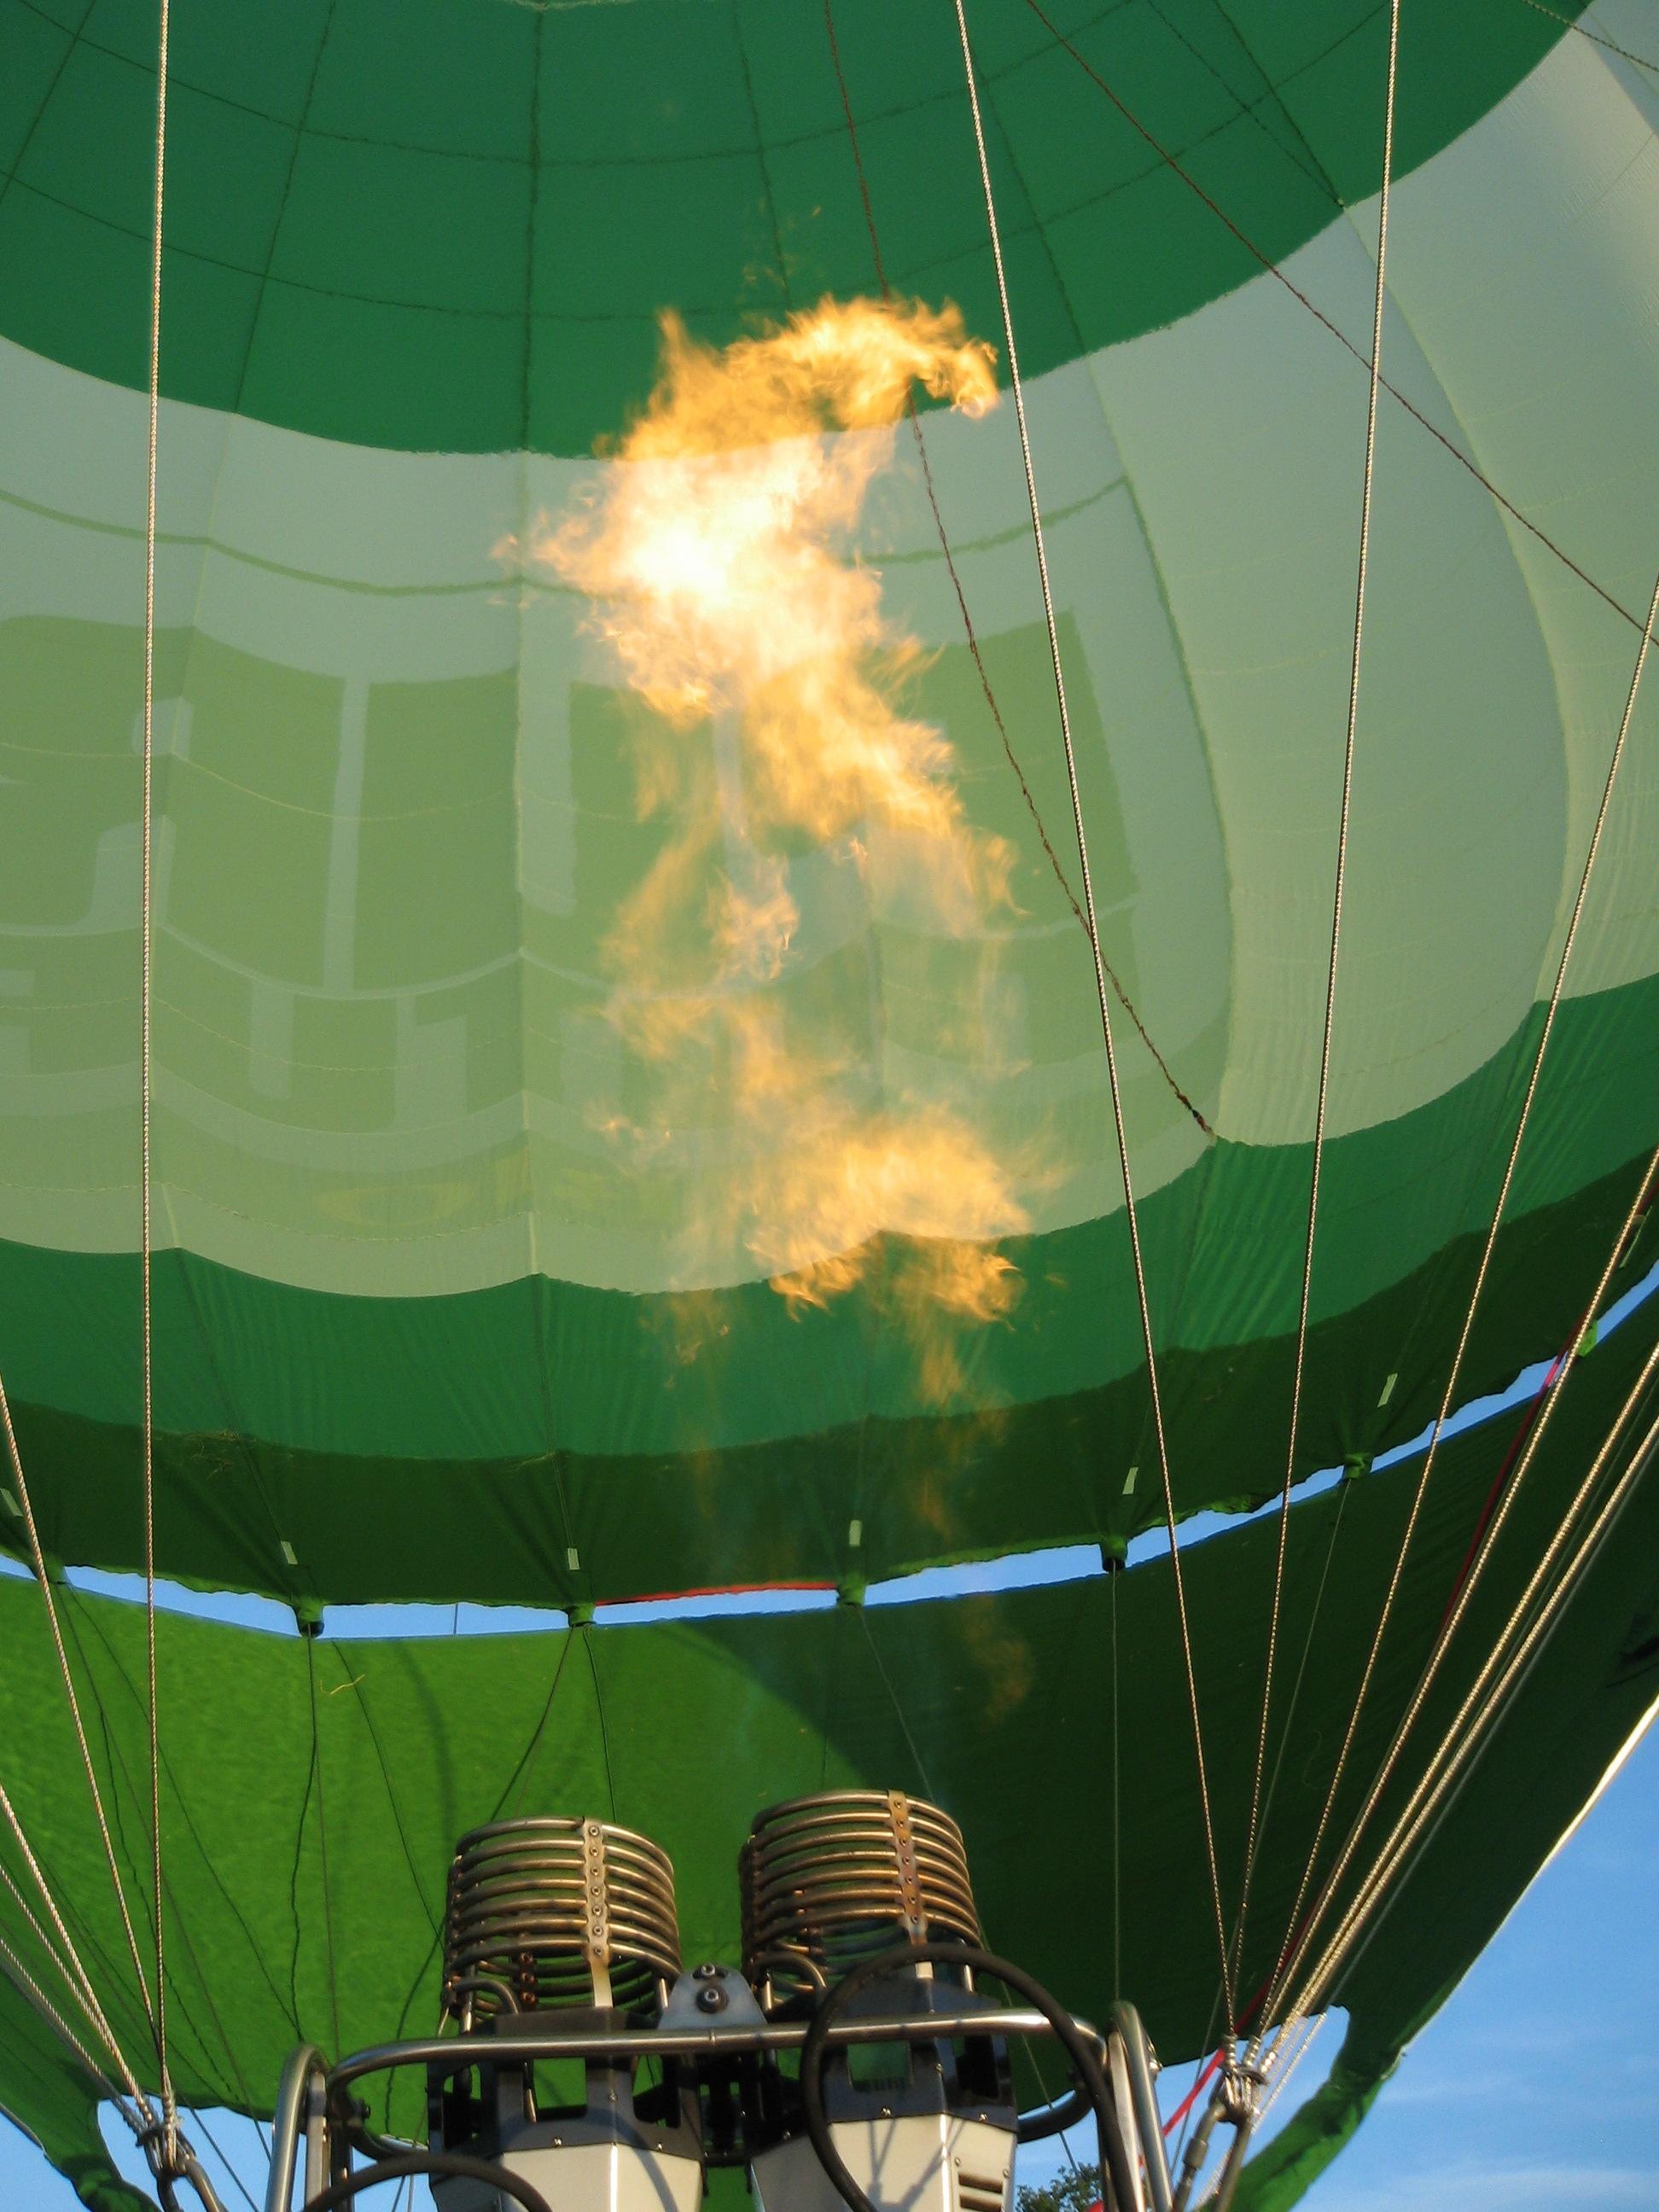 Ballonvaart vlam brander